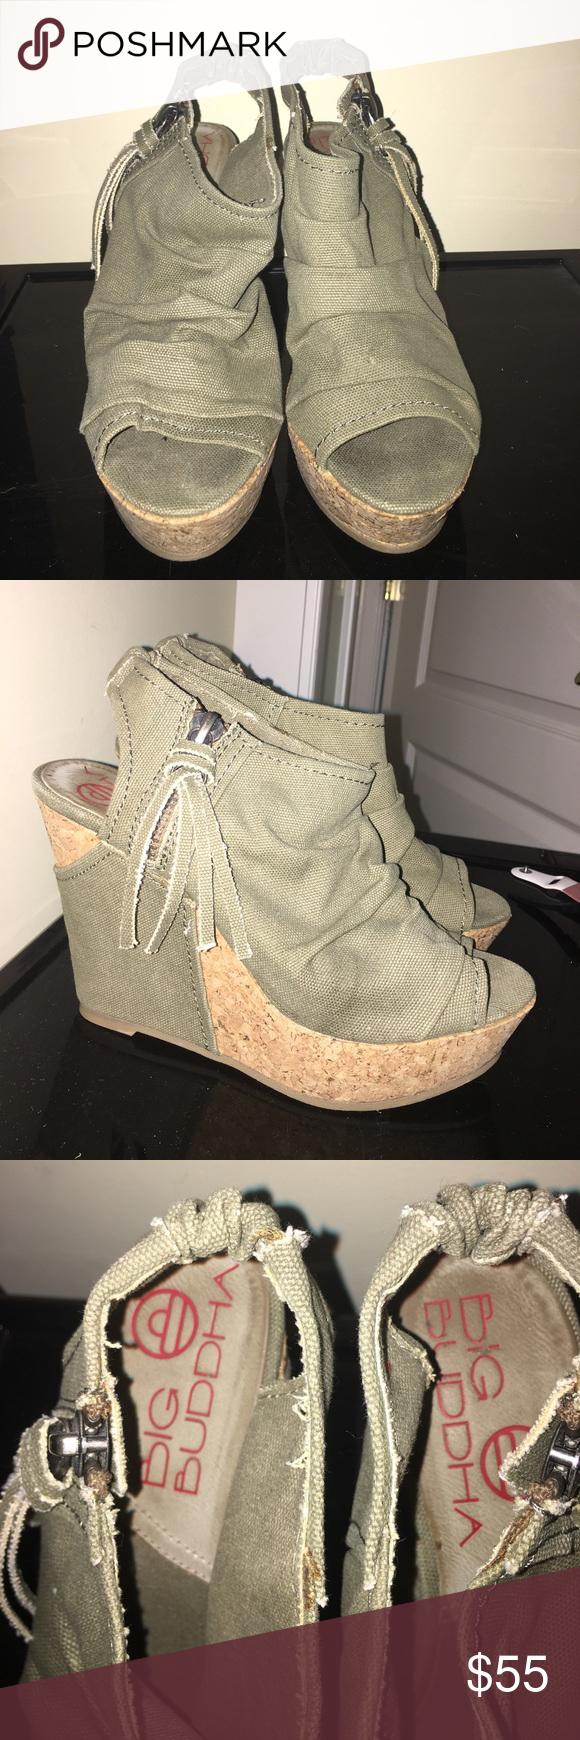 116afe3ddb4bac VANS Ortholite sneakers grey ortho hip